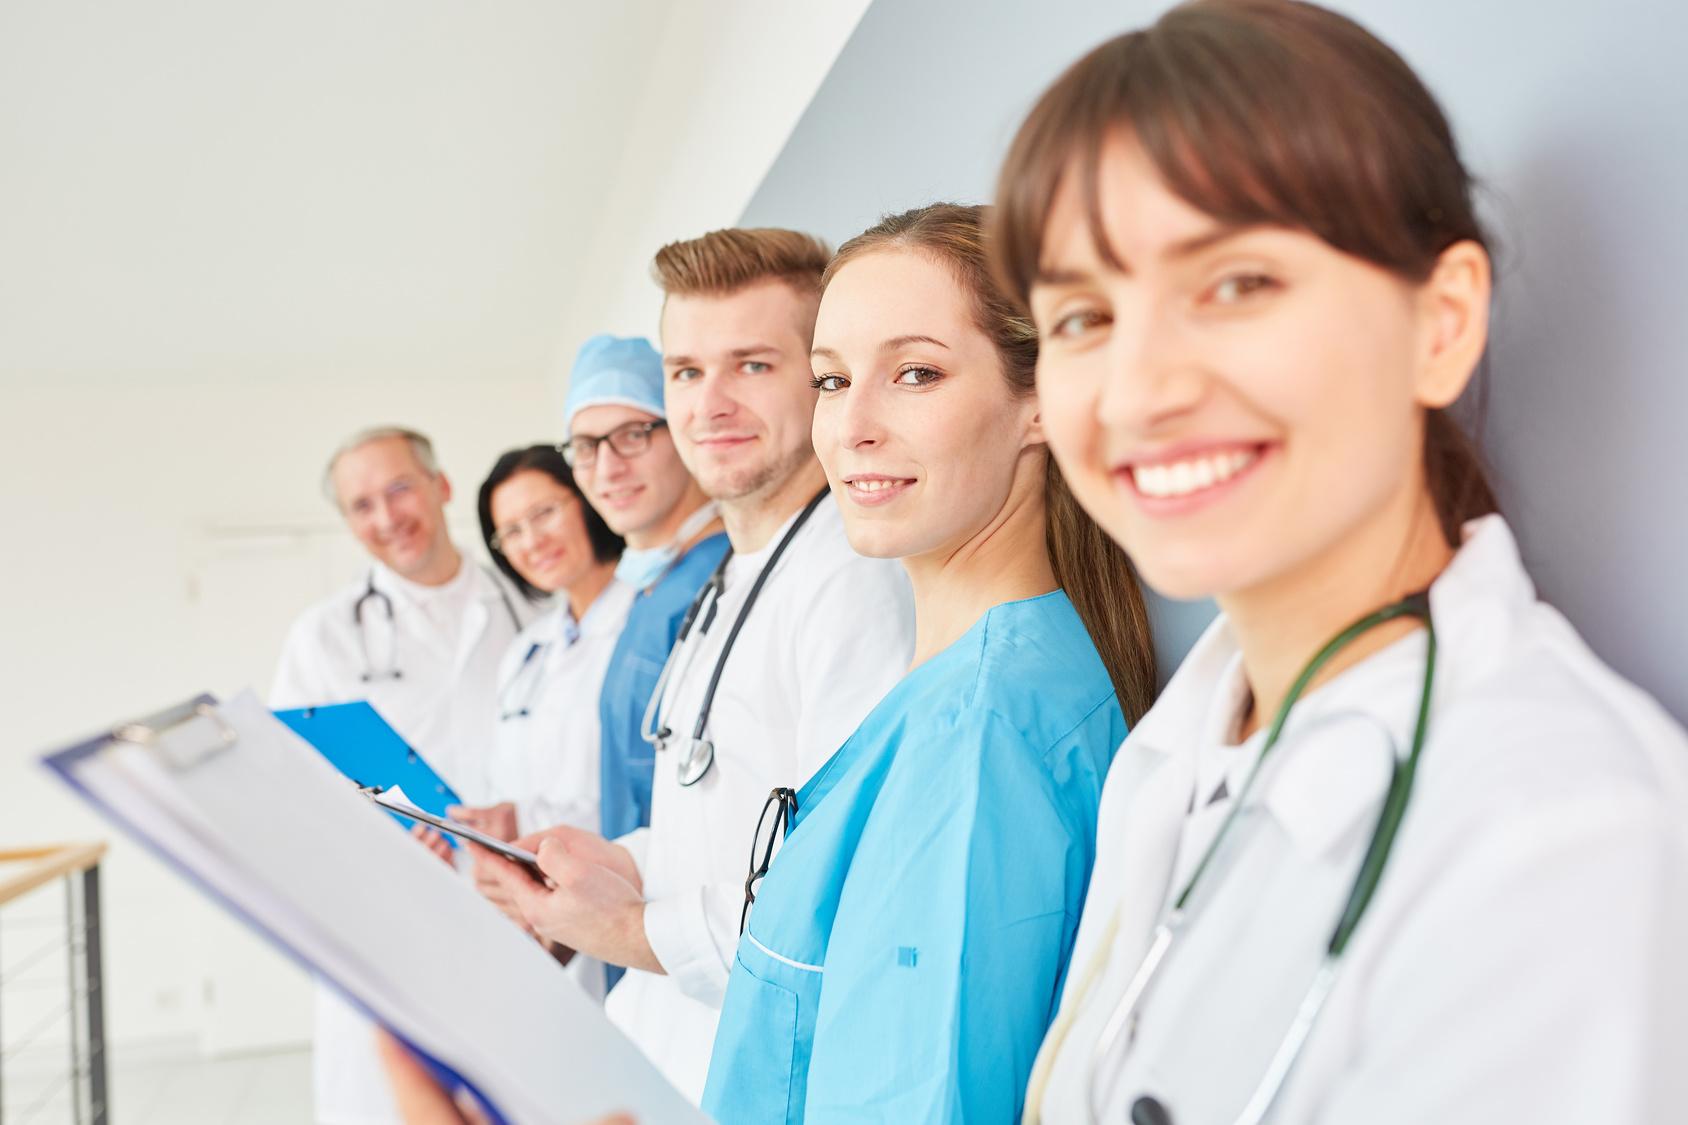 Gemeinsam als Team im Gesundheitswesen